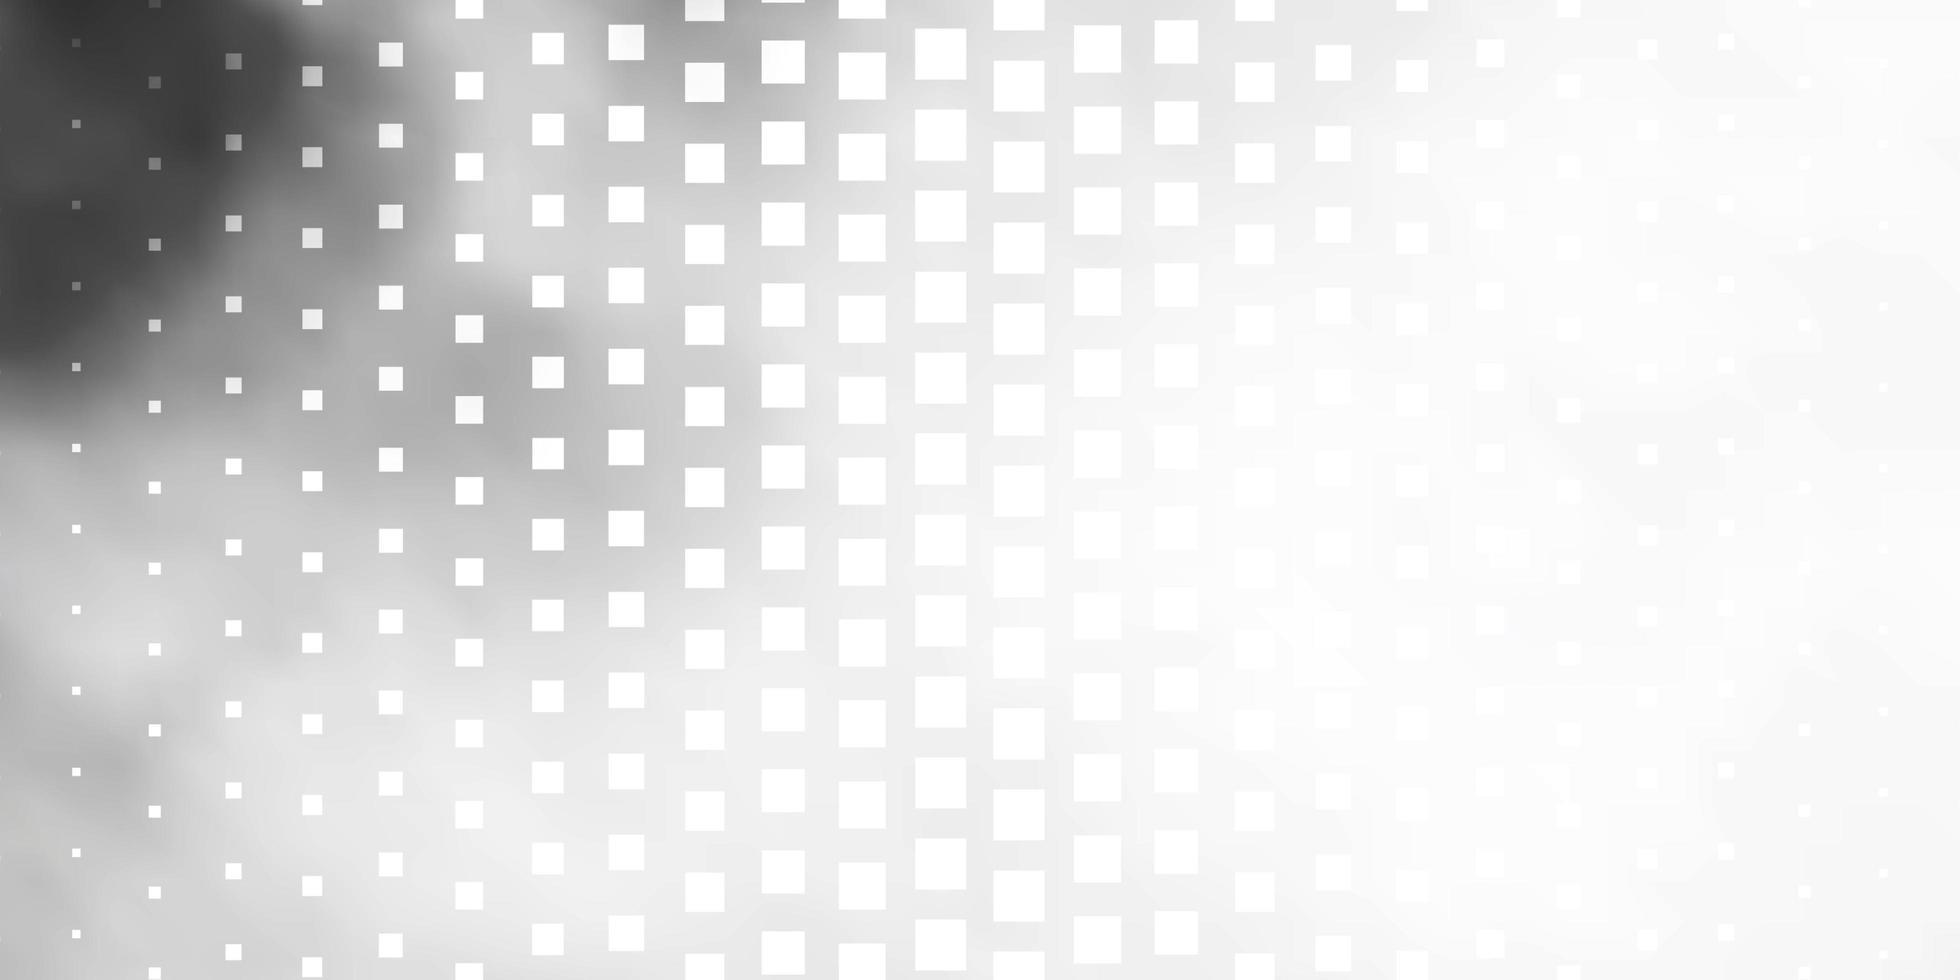 hellgraues Muster im quadratischen Stil. vektor